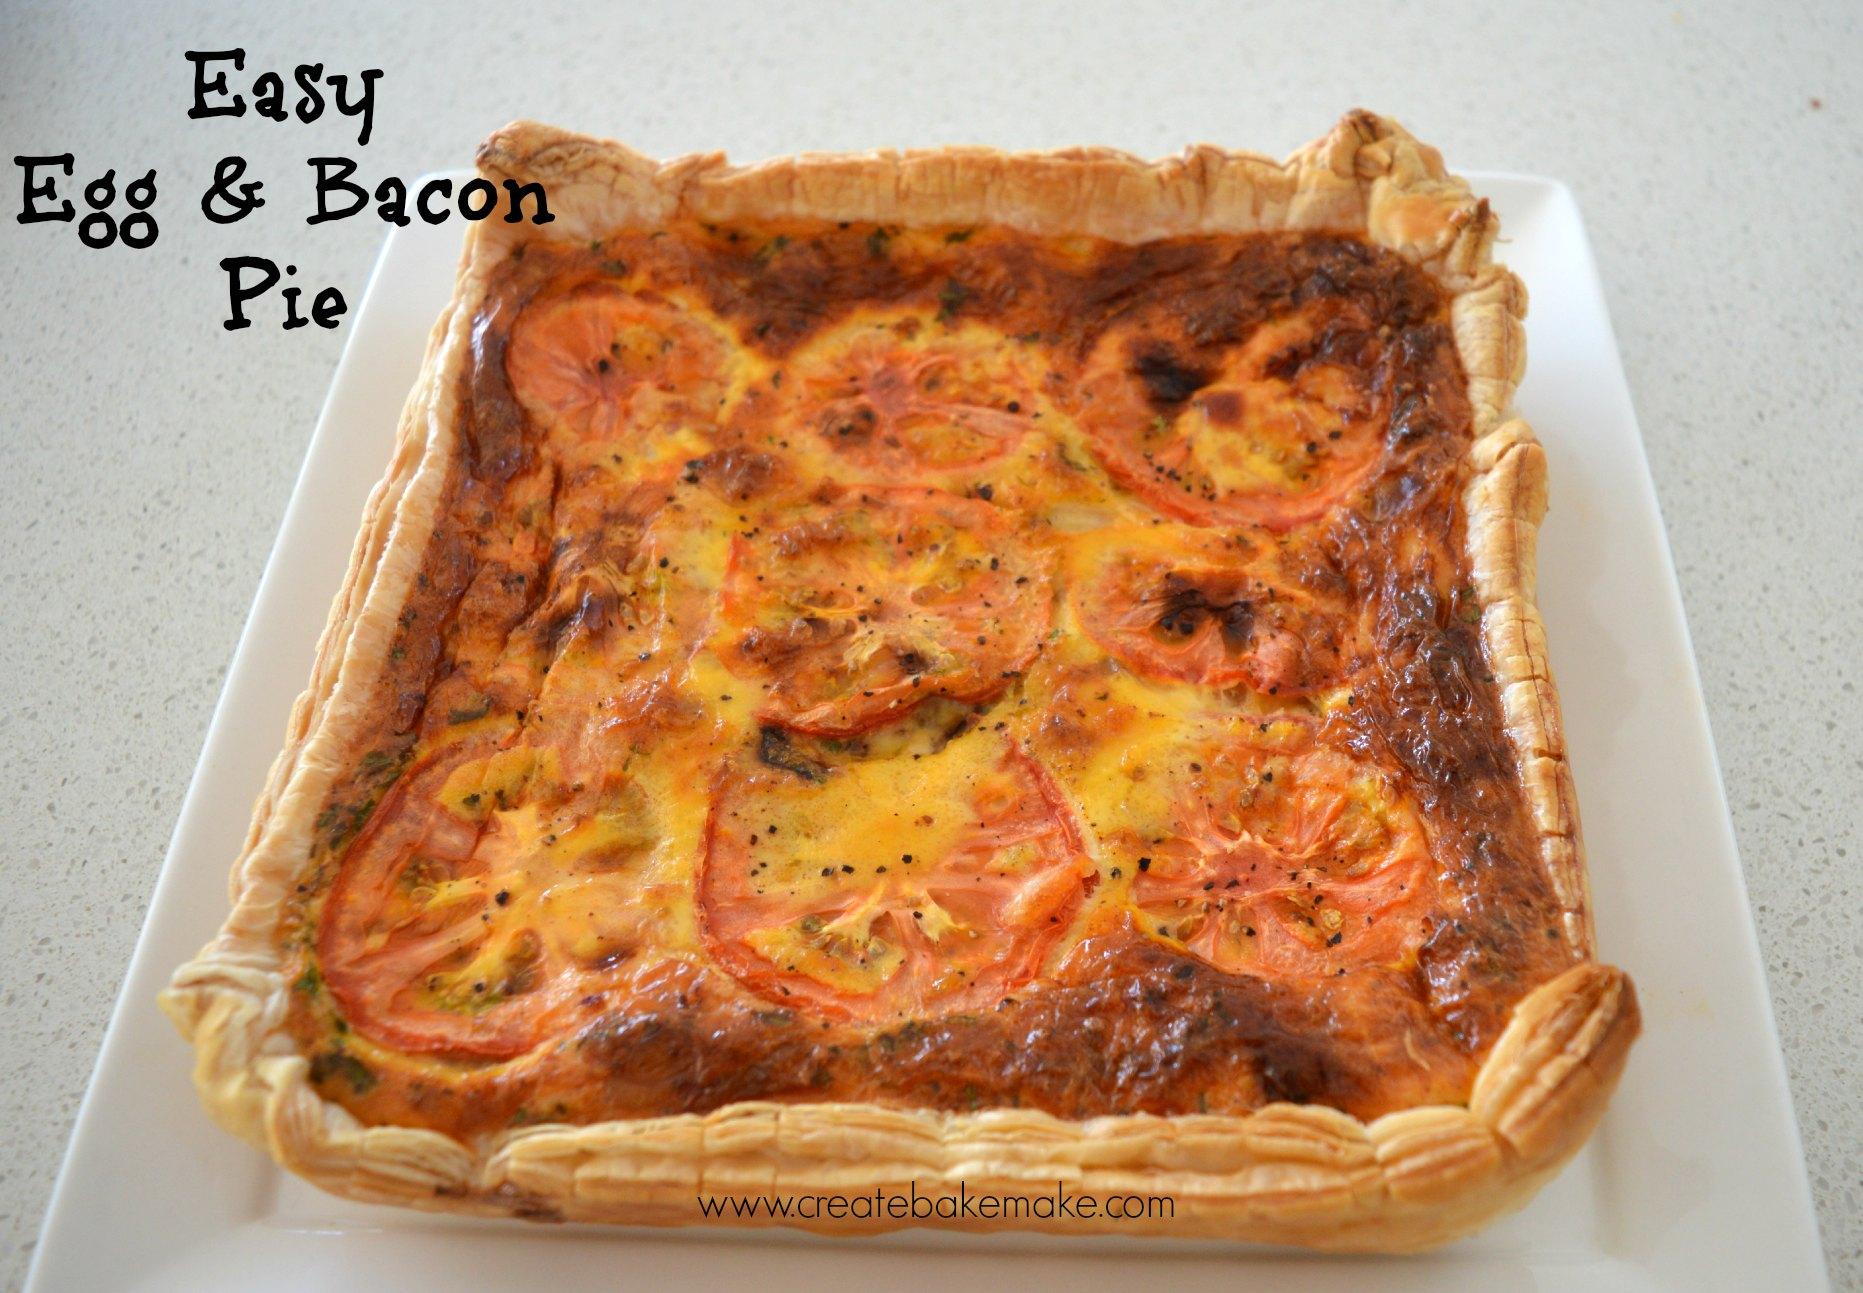 easy egg and bacon pie family friendly dinner bake